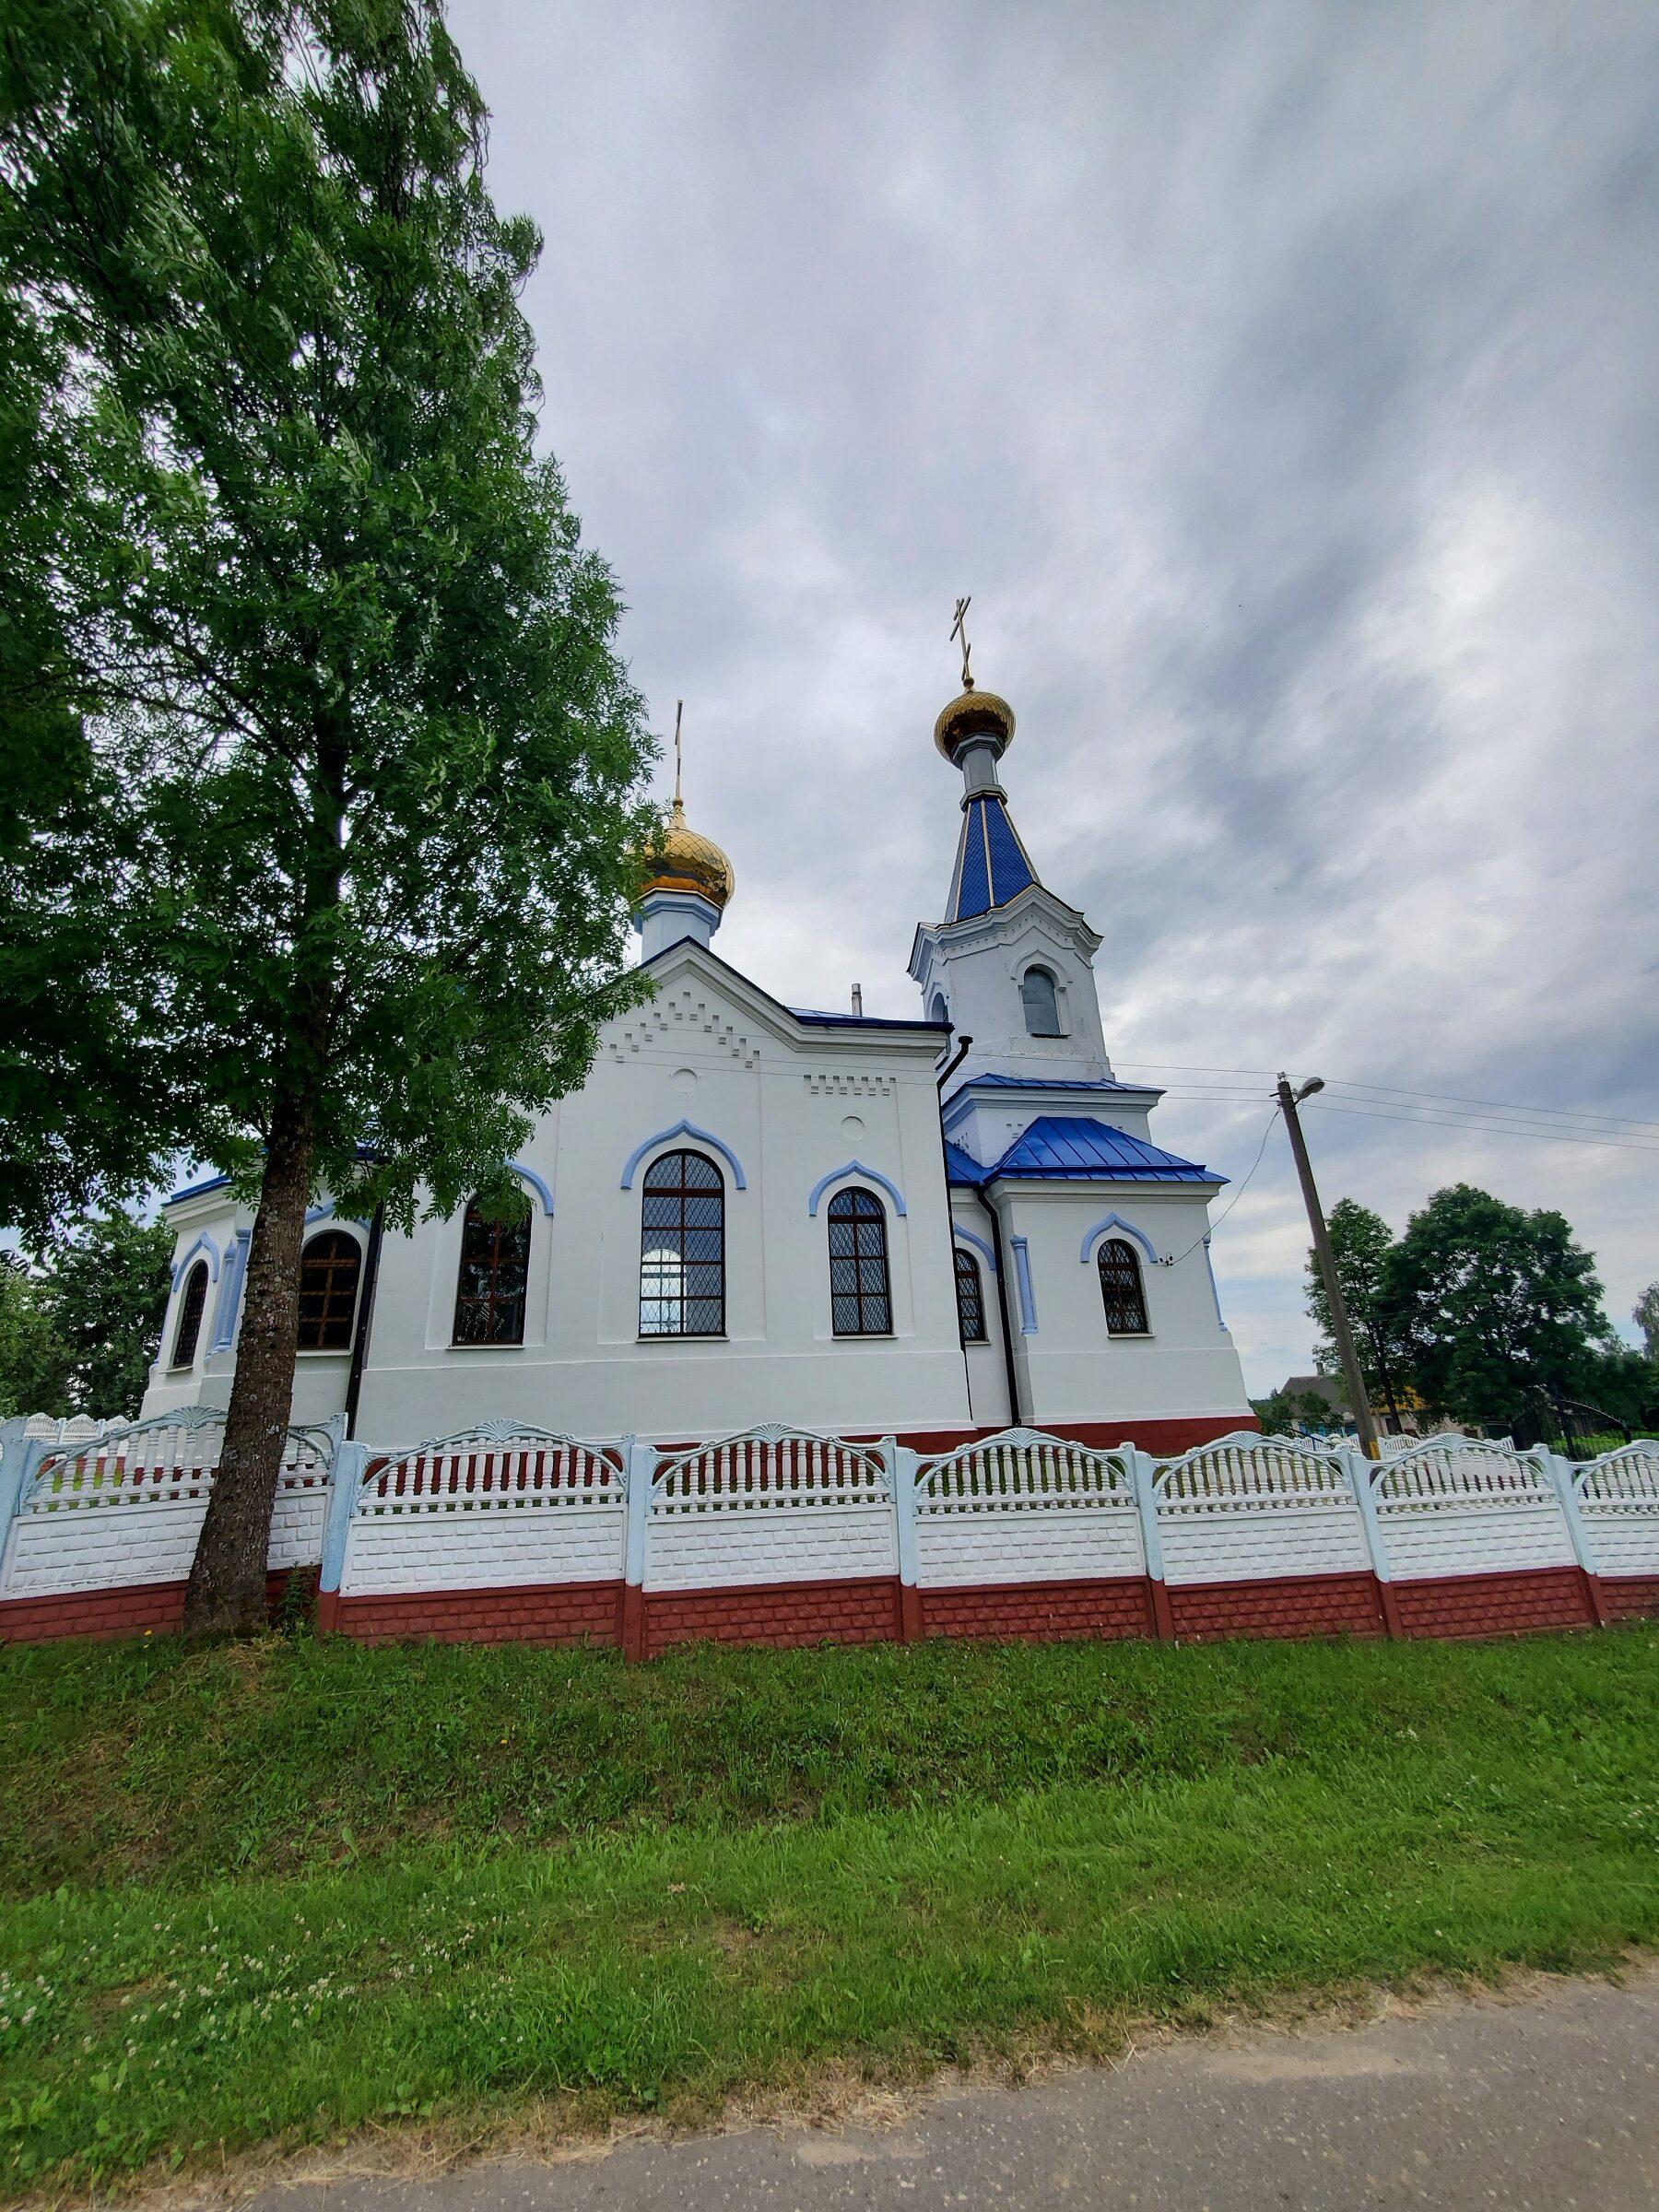 20200705 125150 rotated - Церковь Святых Апостолов Петра и Павла в Прозороках